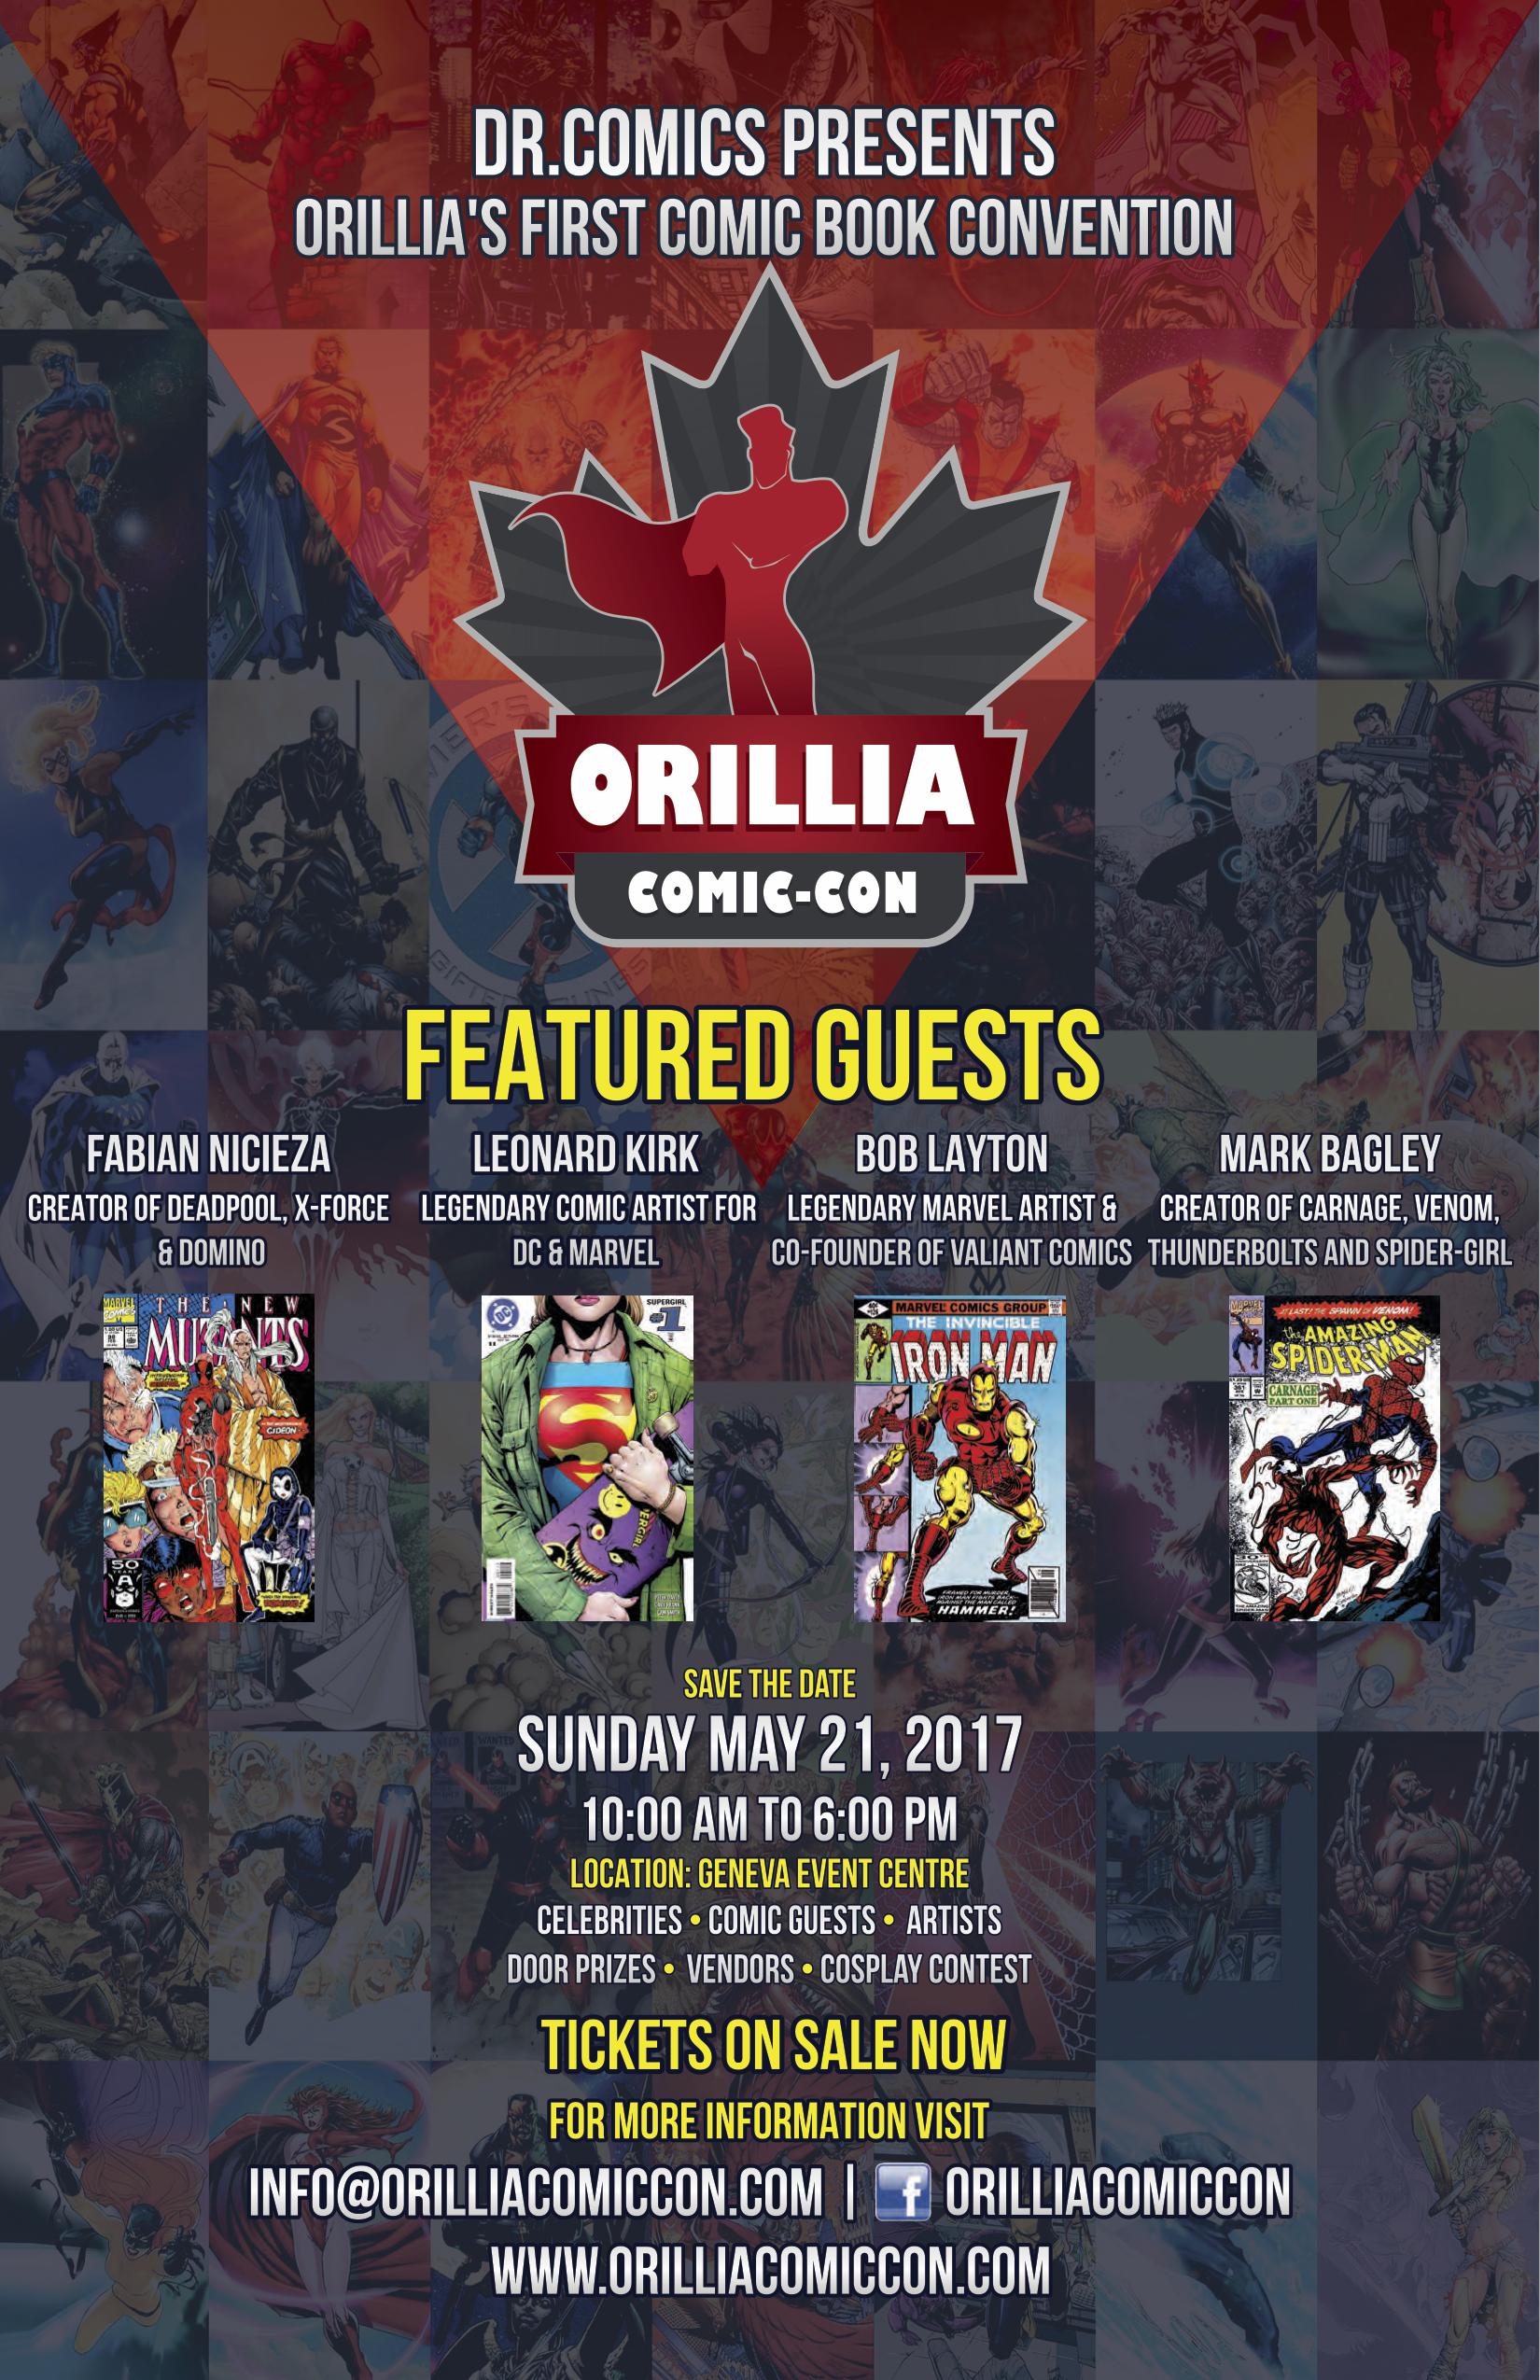 Orillia poster